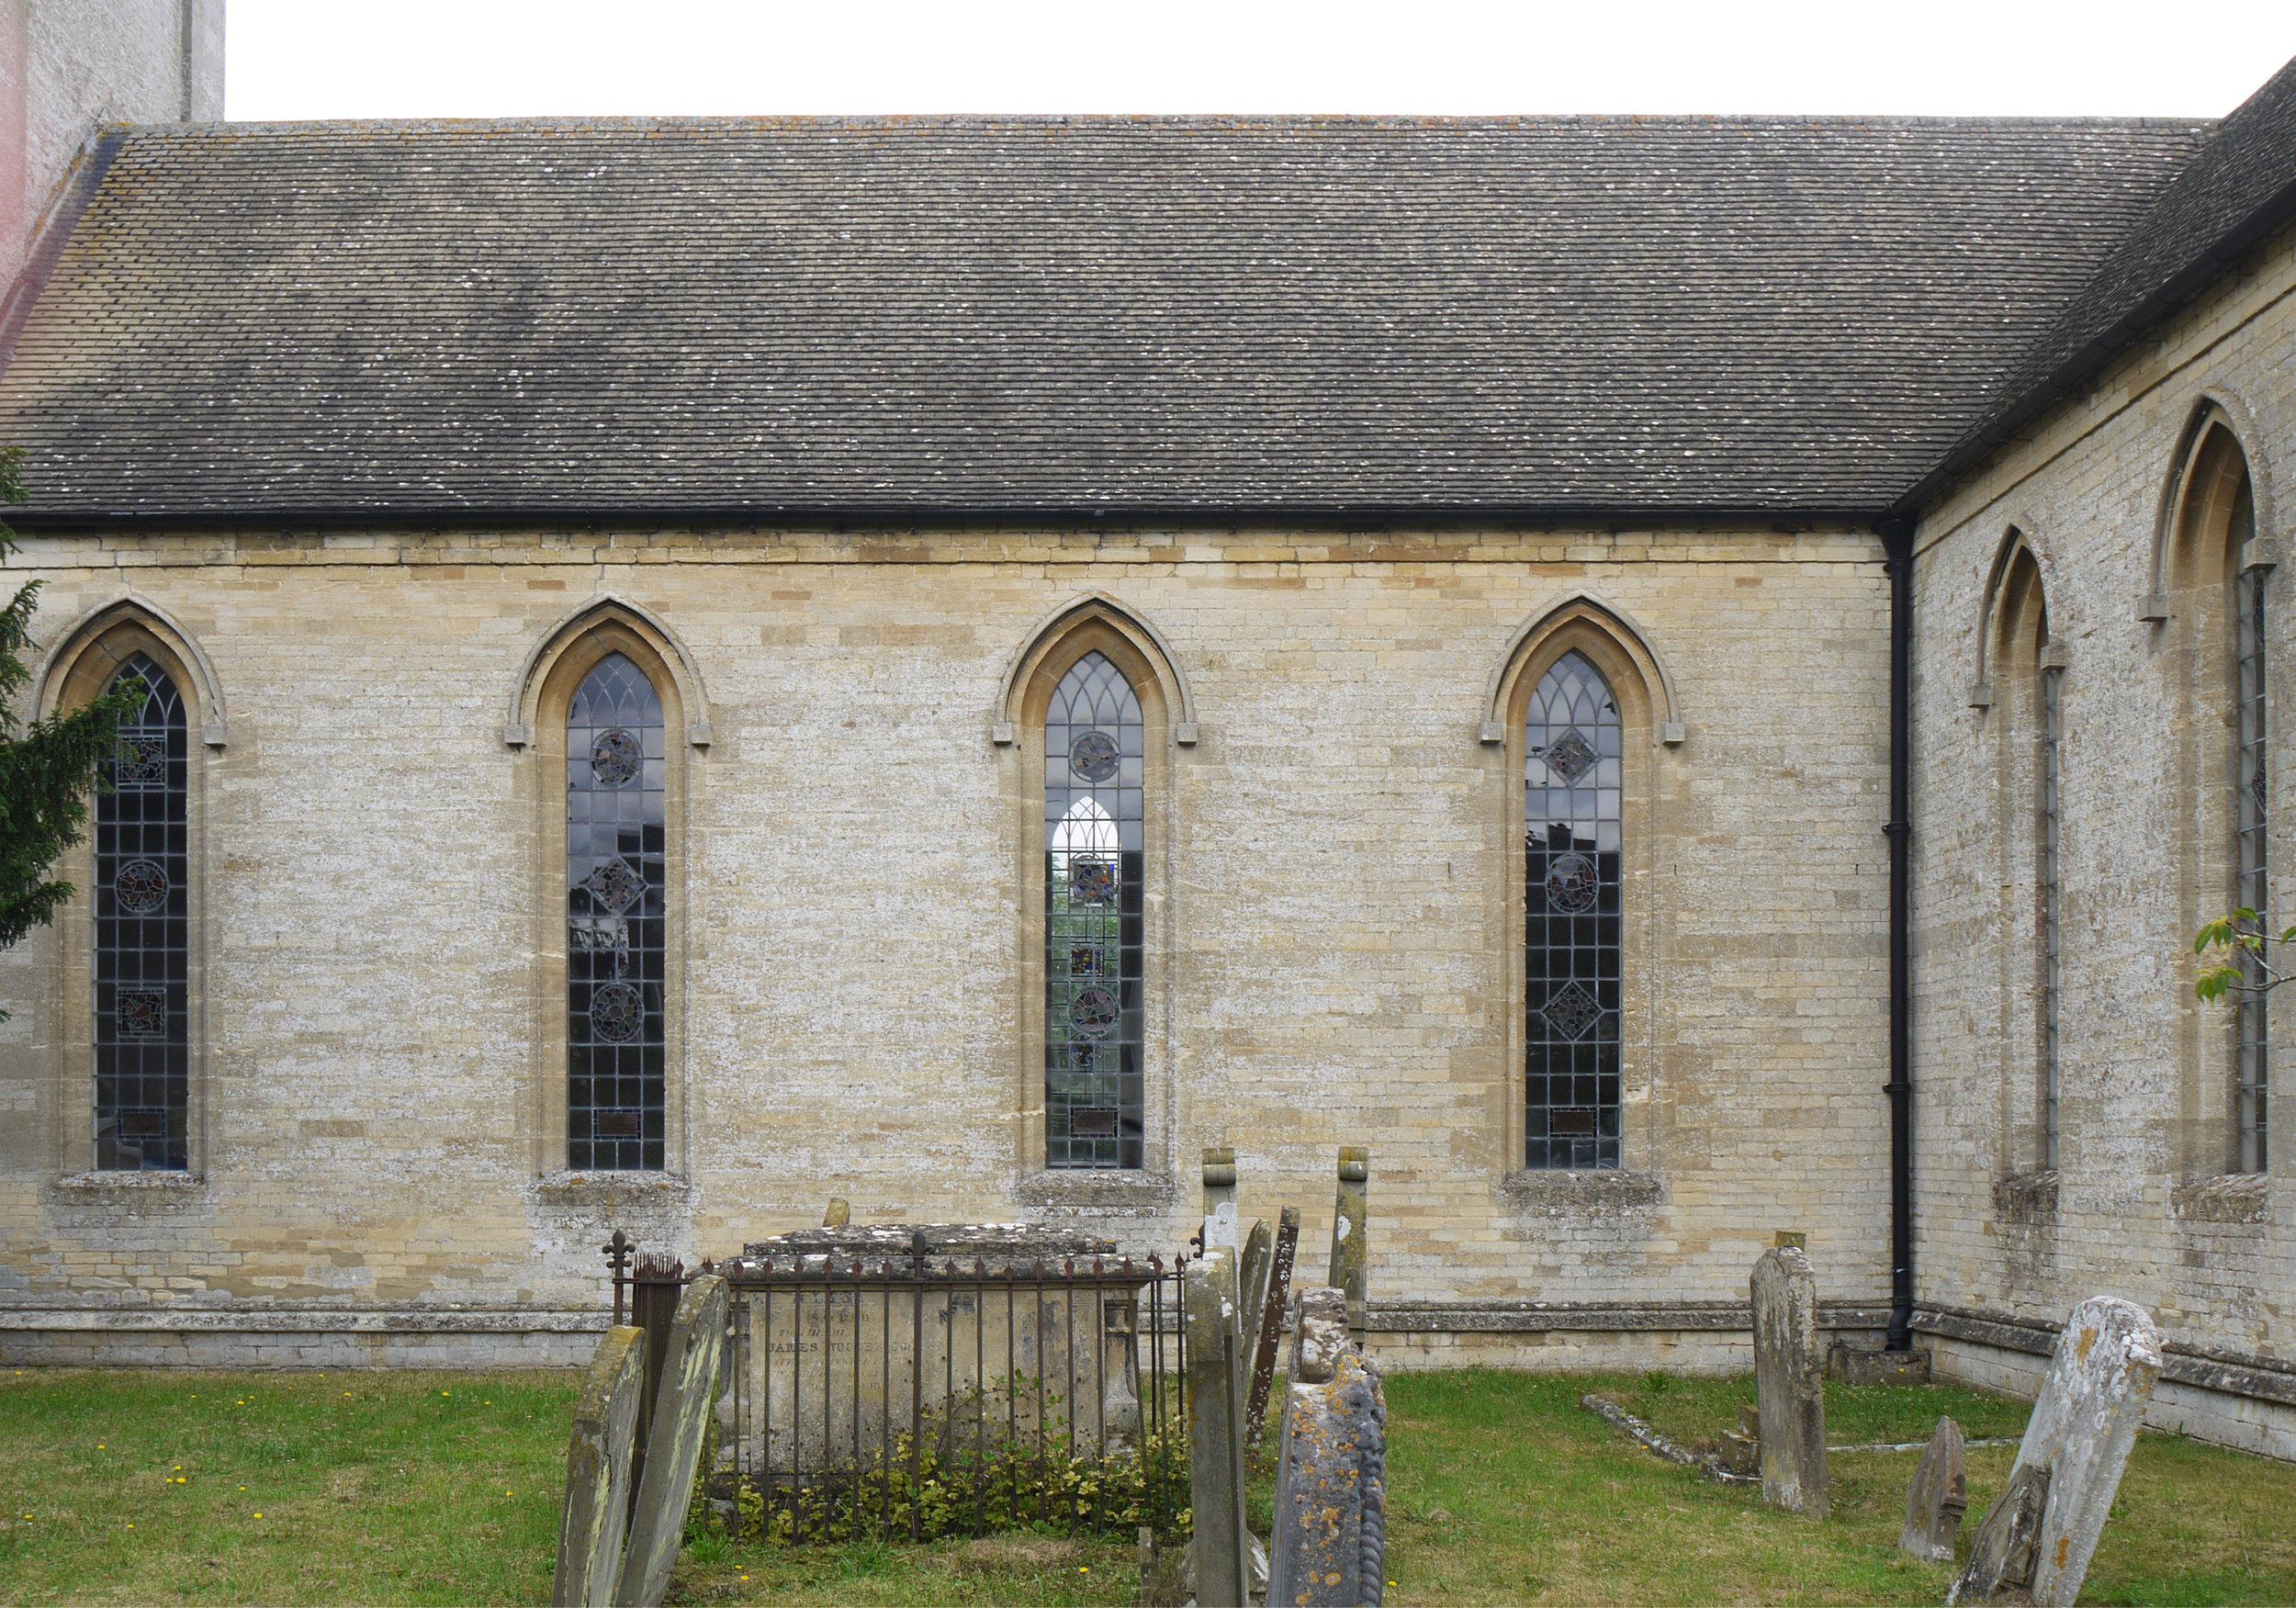 St. James, Aston, West Oxfordshire